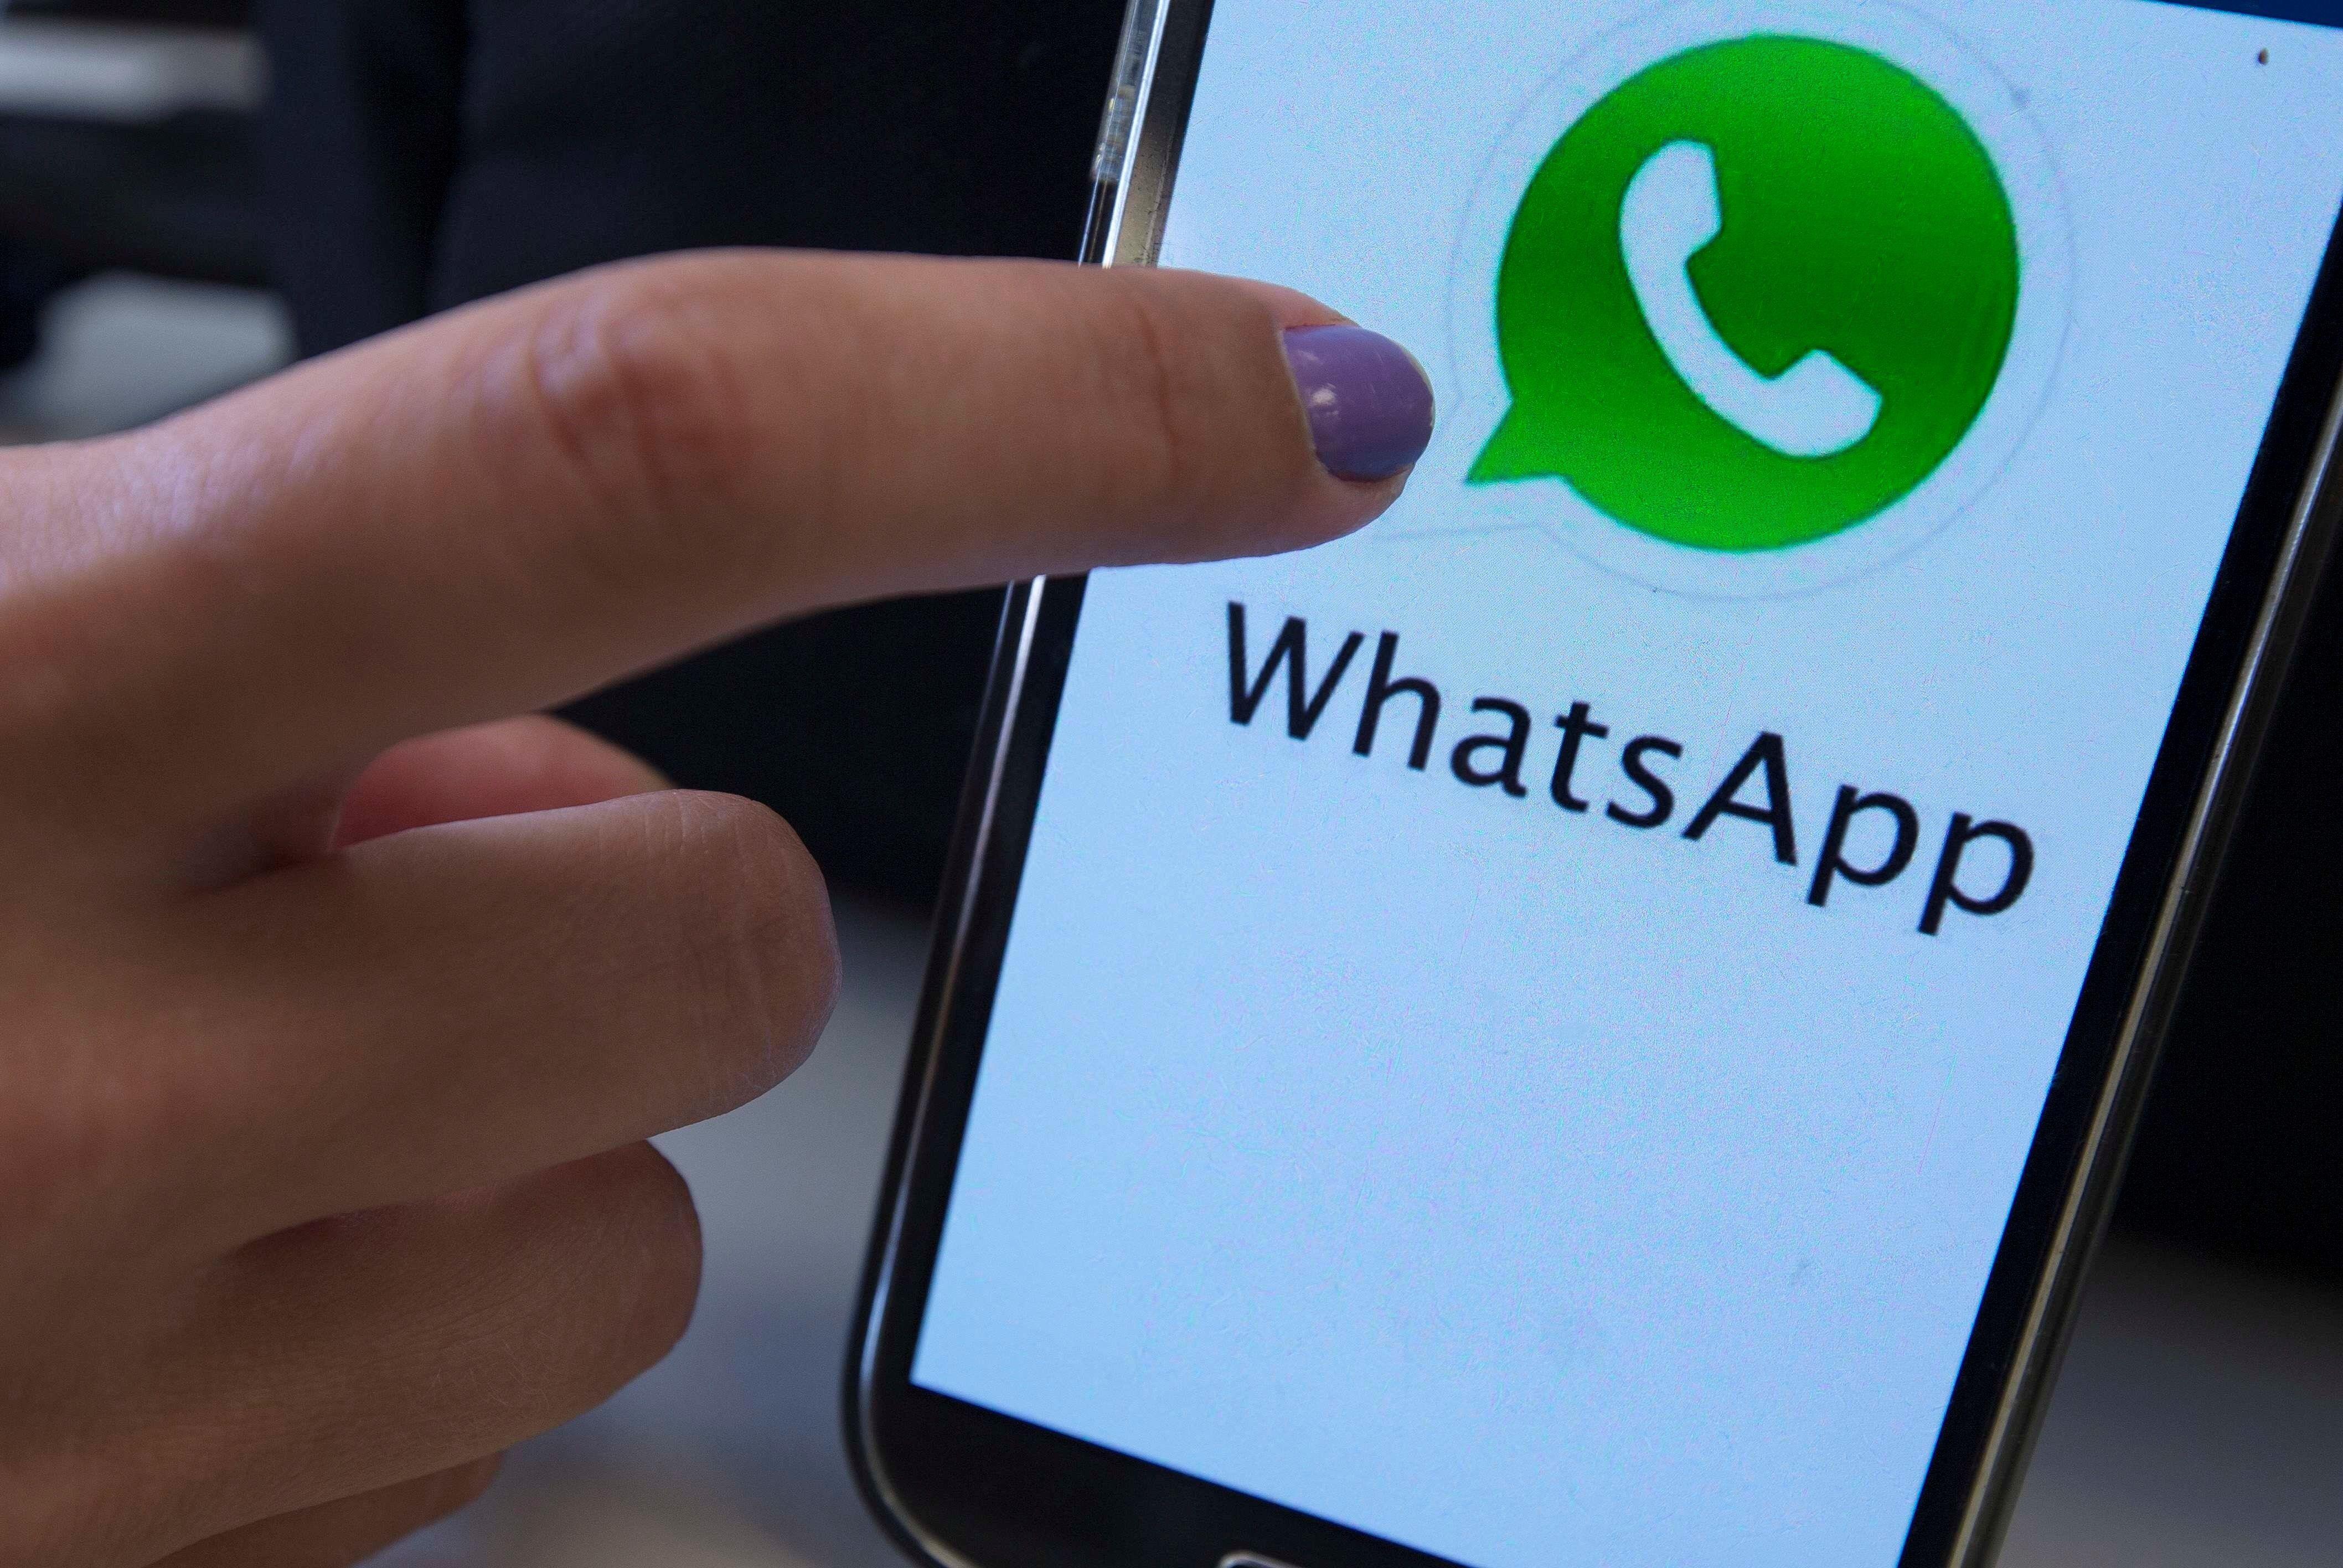 WhatsApp tiene gran variedad de acciones para interactuar. (Foto: EFE)